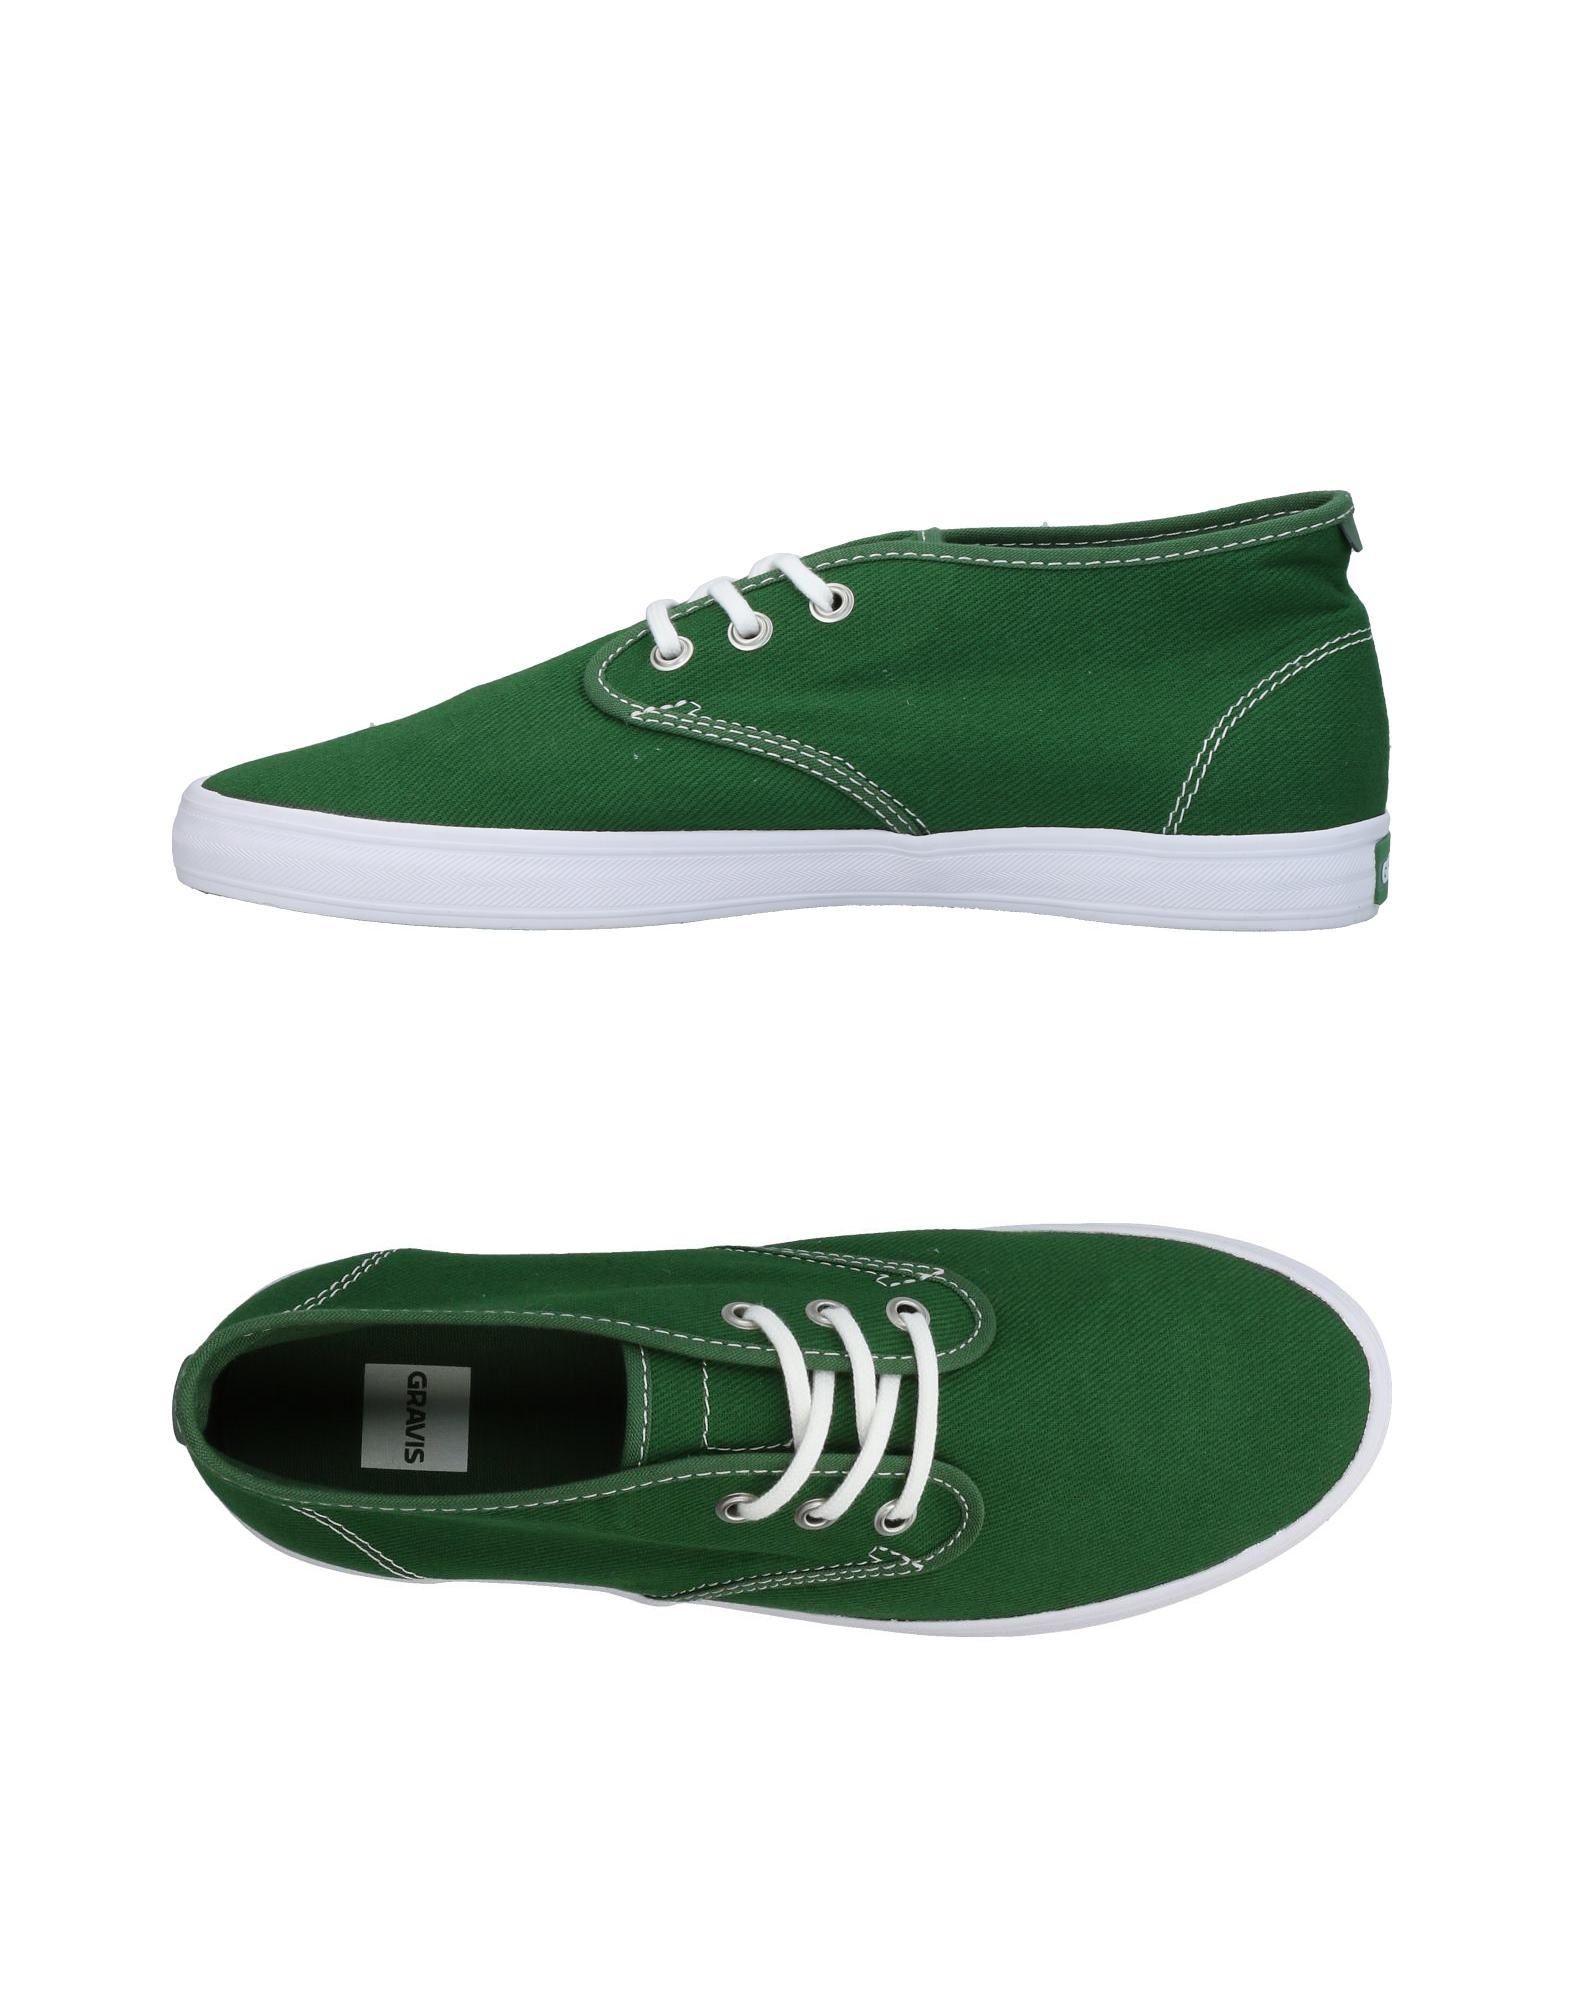 《セール開催中》GRAVIS メンズ スニーカー&テニスシューズ(ローカット) グリーン 7.5 紡績繊維